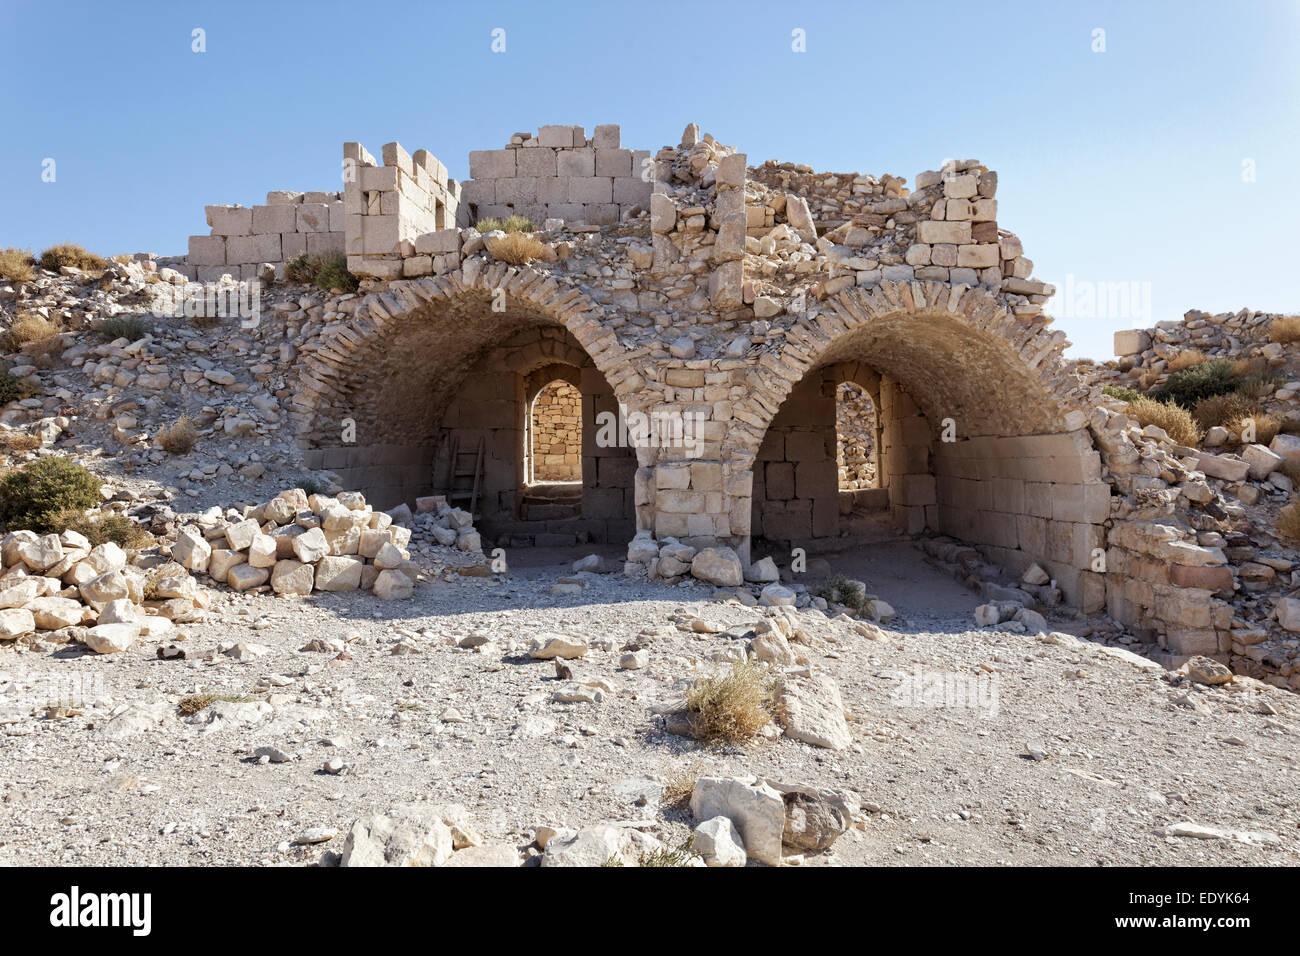 Vault, Montreal il castello dei Crociati, anche Mons Regalis, Shoubak o Shawbak, fortezza, il castello di collina, Immagini Stock